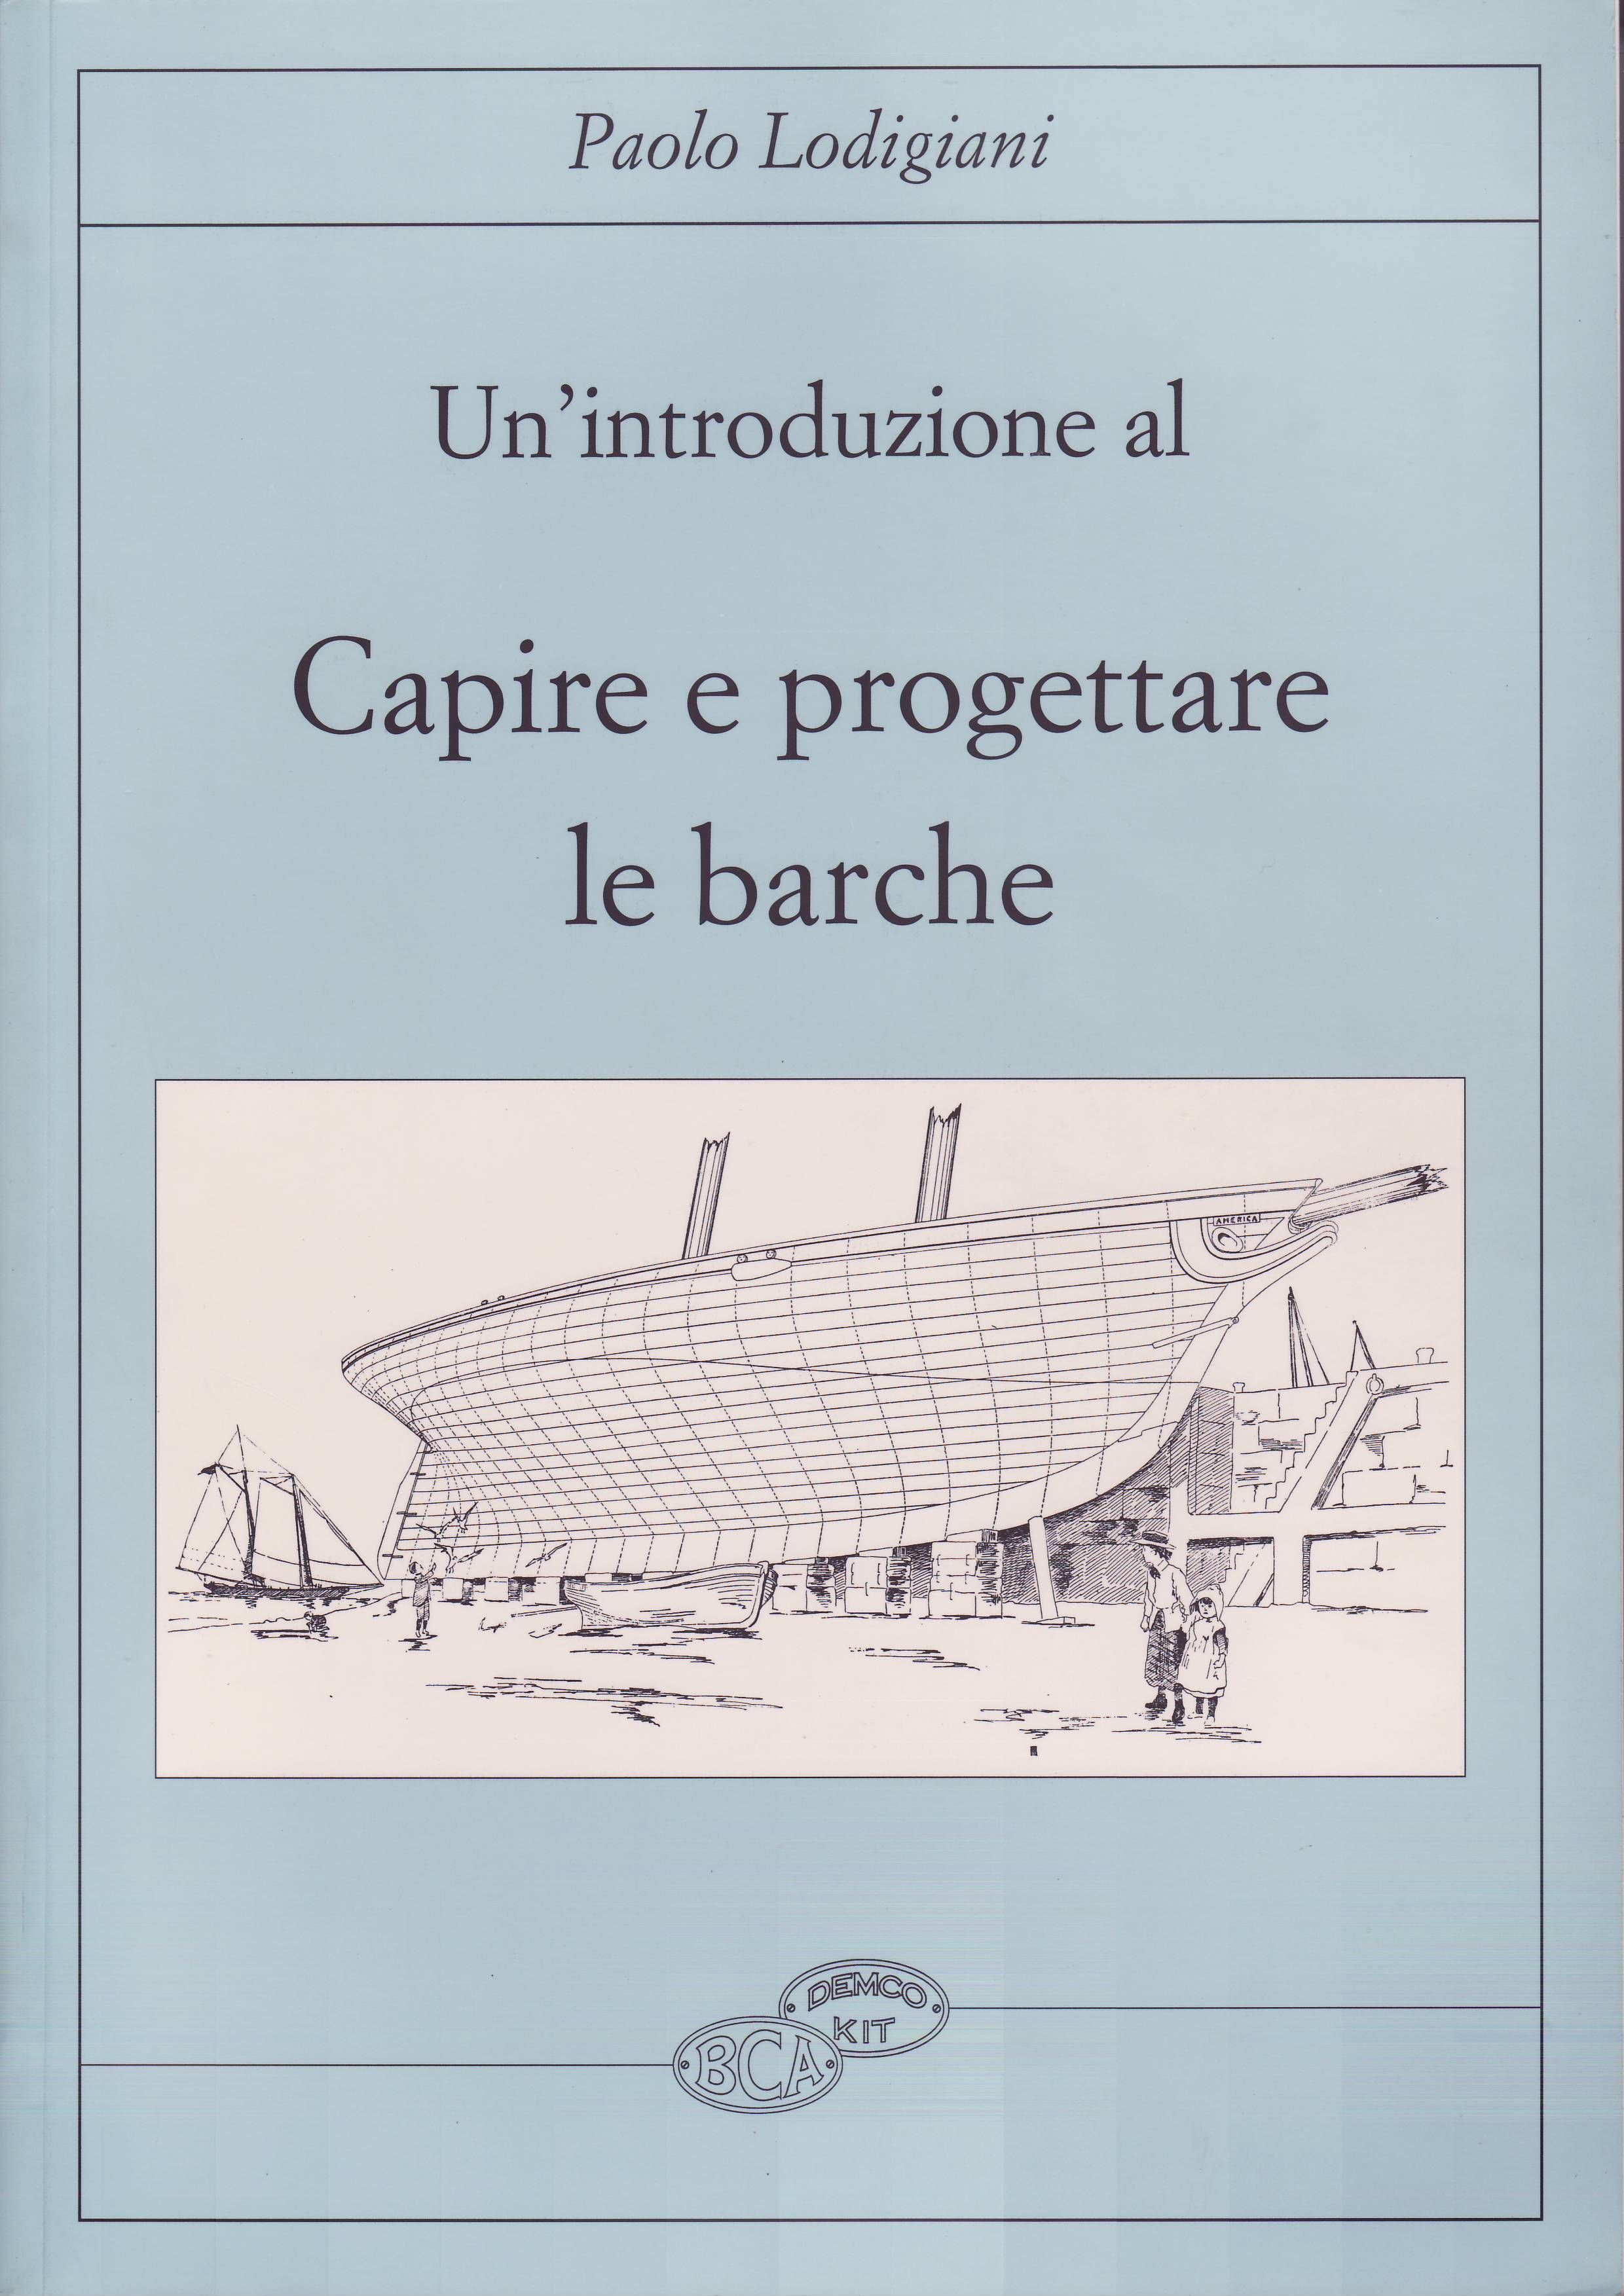 Introduzione al capire e progettare le barche